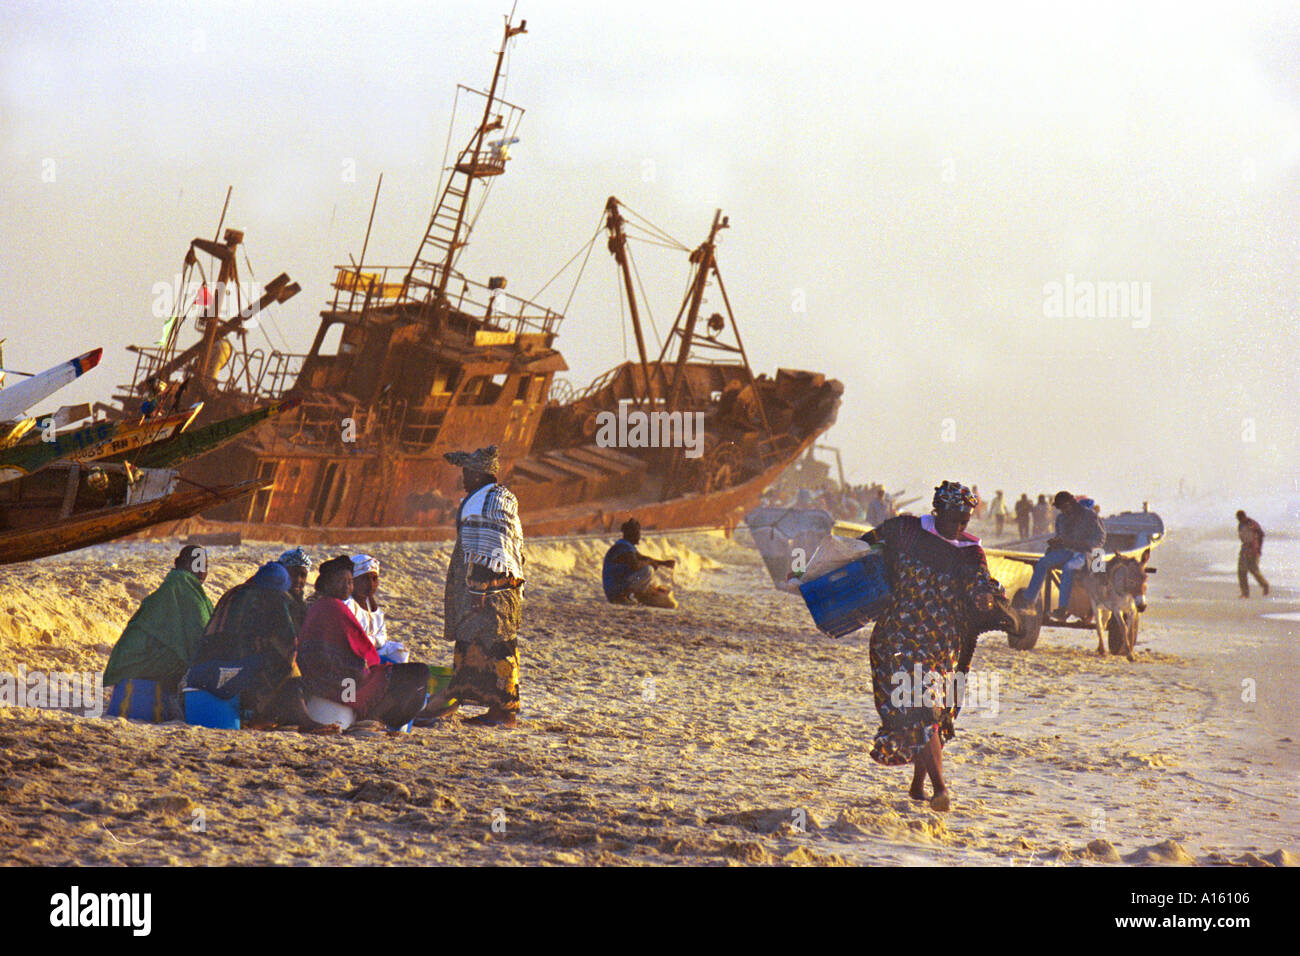 Mauritane e commercianti senegalesi attendere per i pescatori locali per portare nei giorni raccolto nei pressi della capitale Nouakchott in Immagini Stock